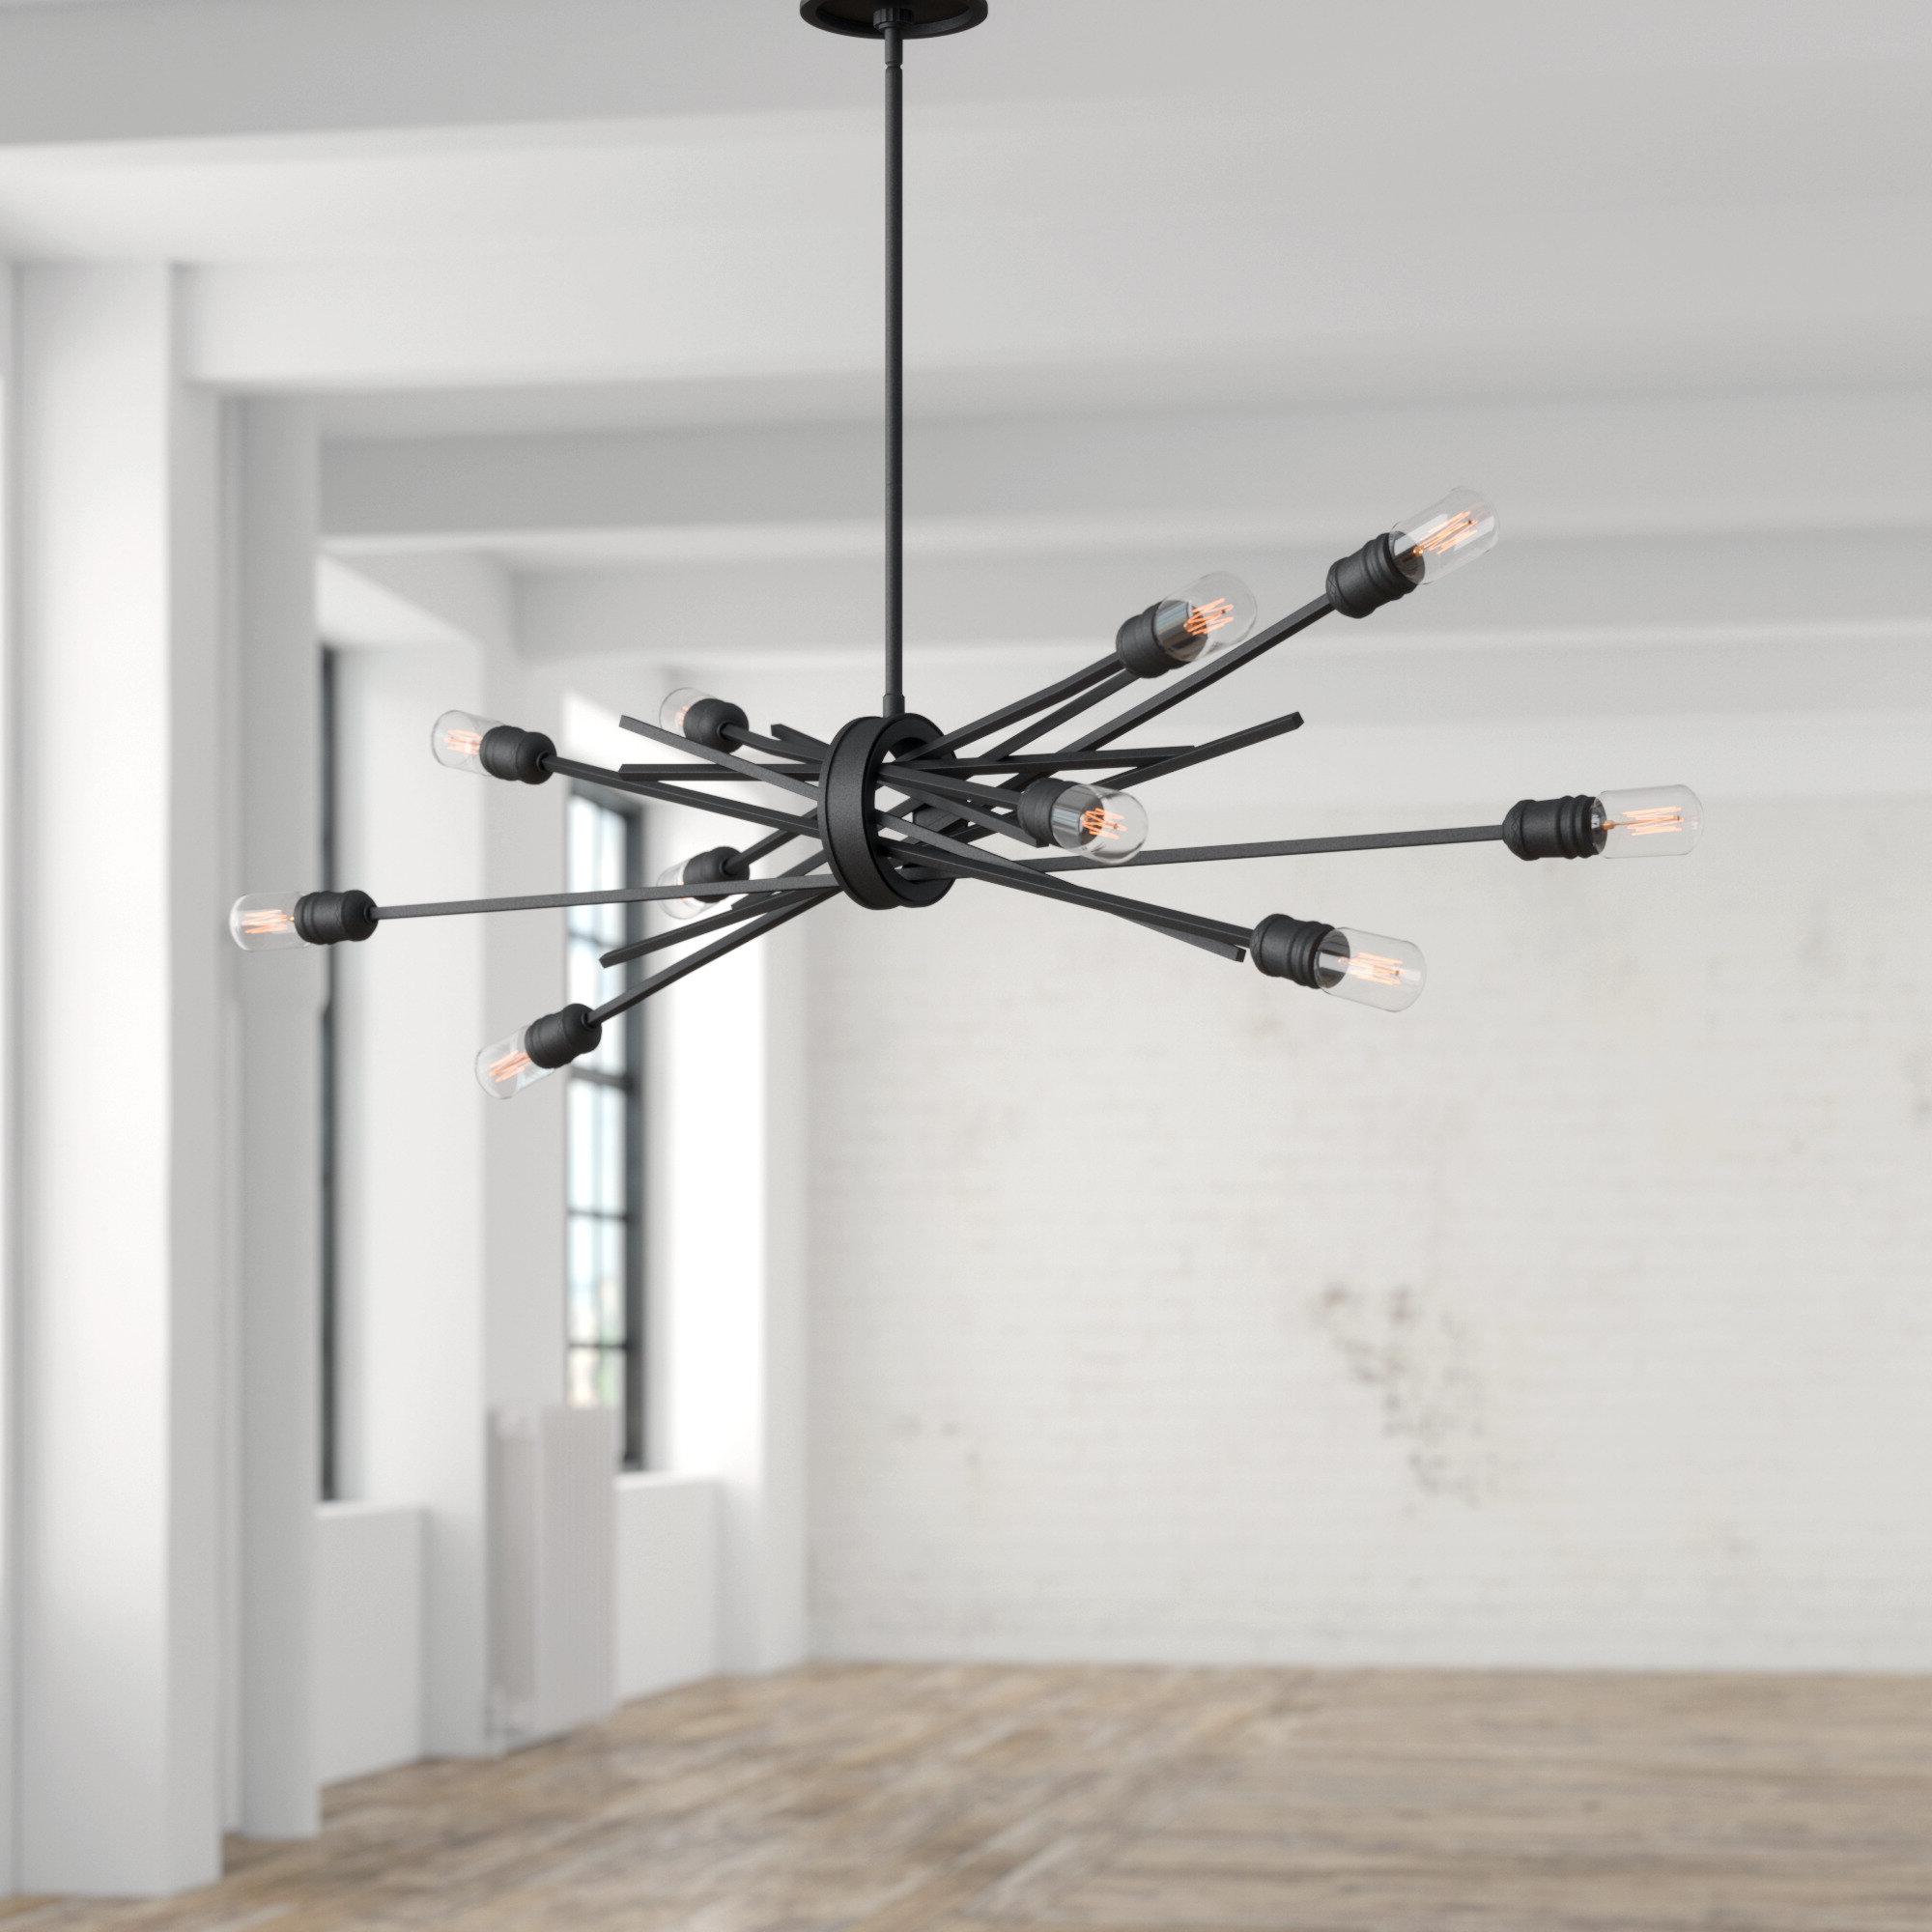 Vroman 12 Light Sputnik Chandeliers In Widely Used Byler 10 Light Sputnik Chandelier (Gallery 21 of 25)